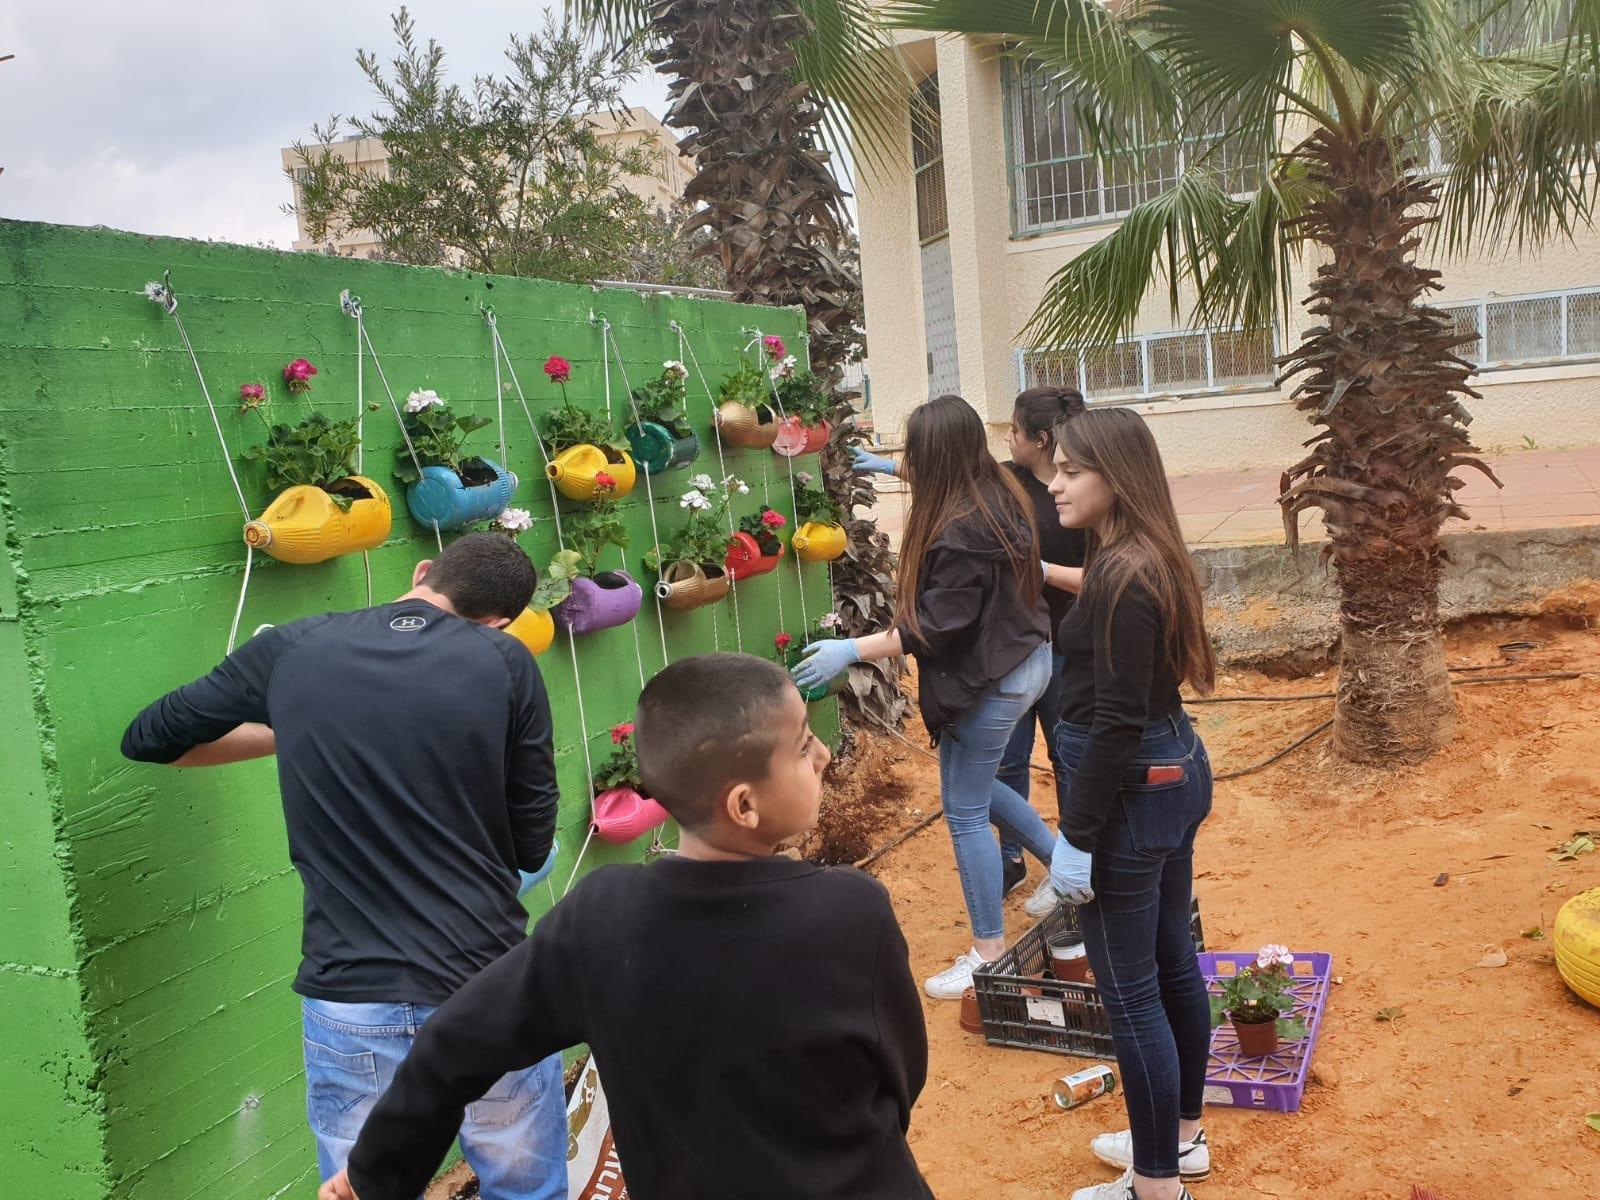 طالبات المعهد الأكاديمي العربي للتربية في بيت بيرل يحصلن على جائزة مجلس التعليم العالي في مجال التطوّع المجتمعي البيئي